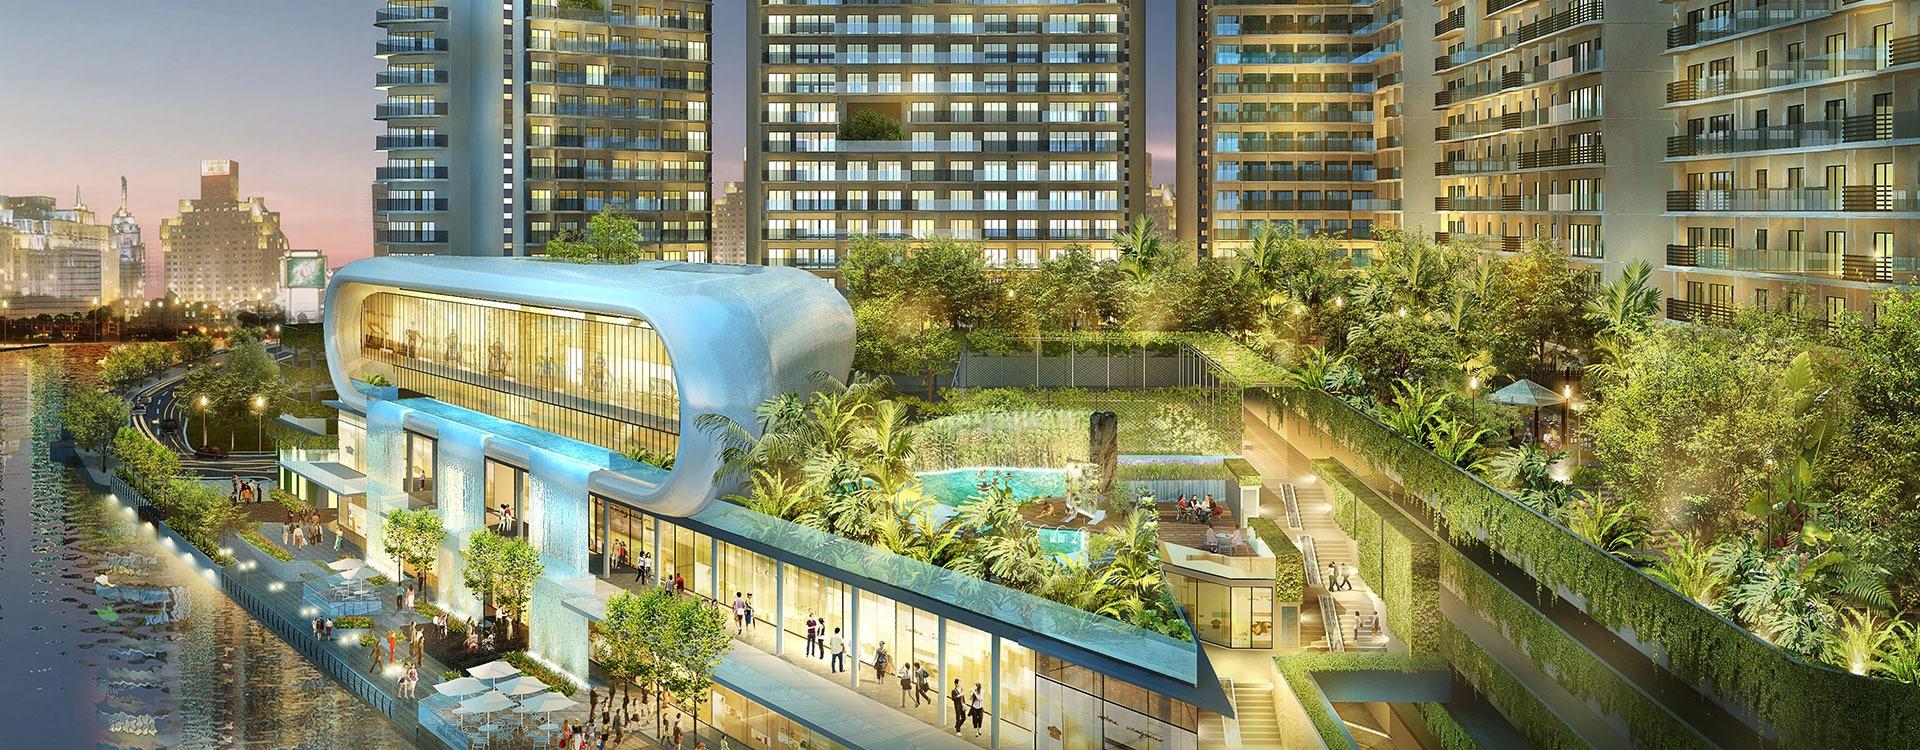 Condo in Manila | Acqua Private Residences